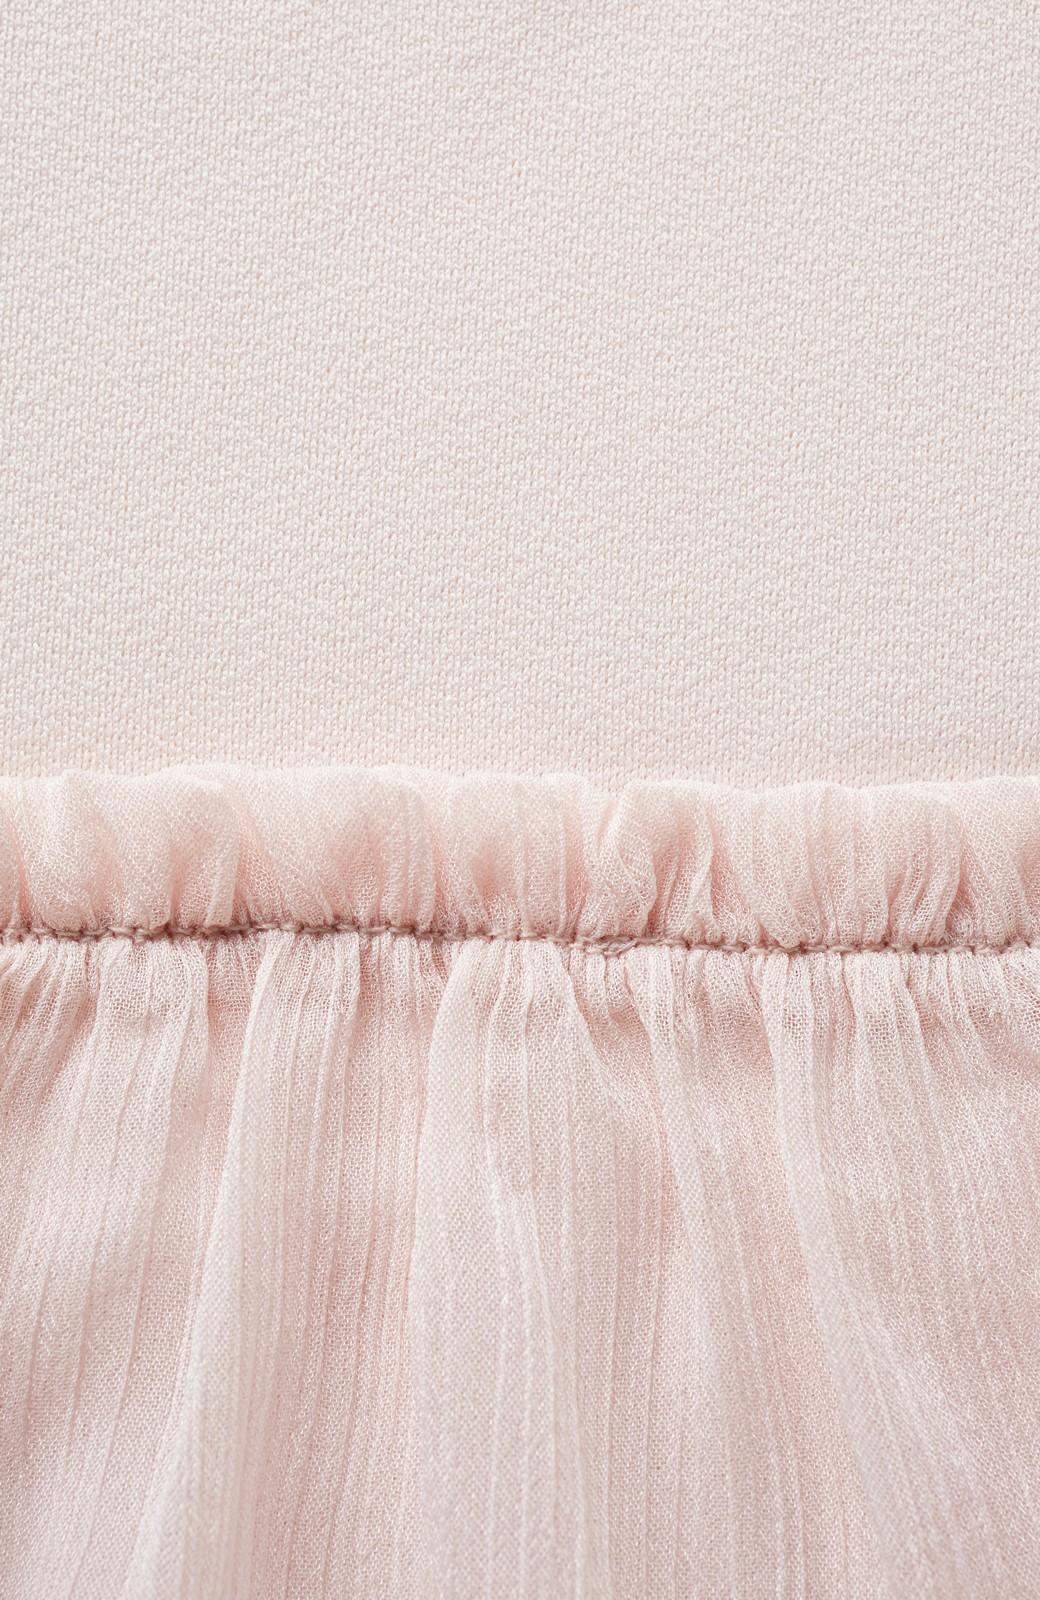 エムトロワ さらっと着られて女子気分があがる 異素材づかいのフリルトップス <ライトピンク>の商品写真3